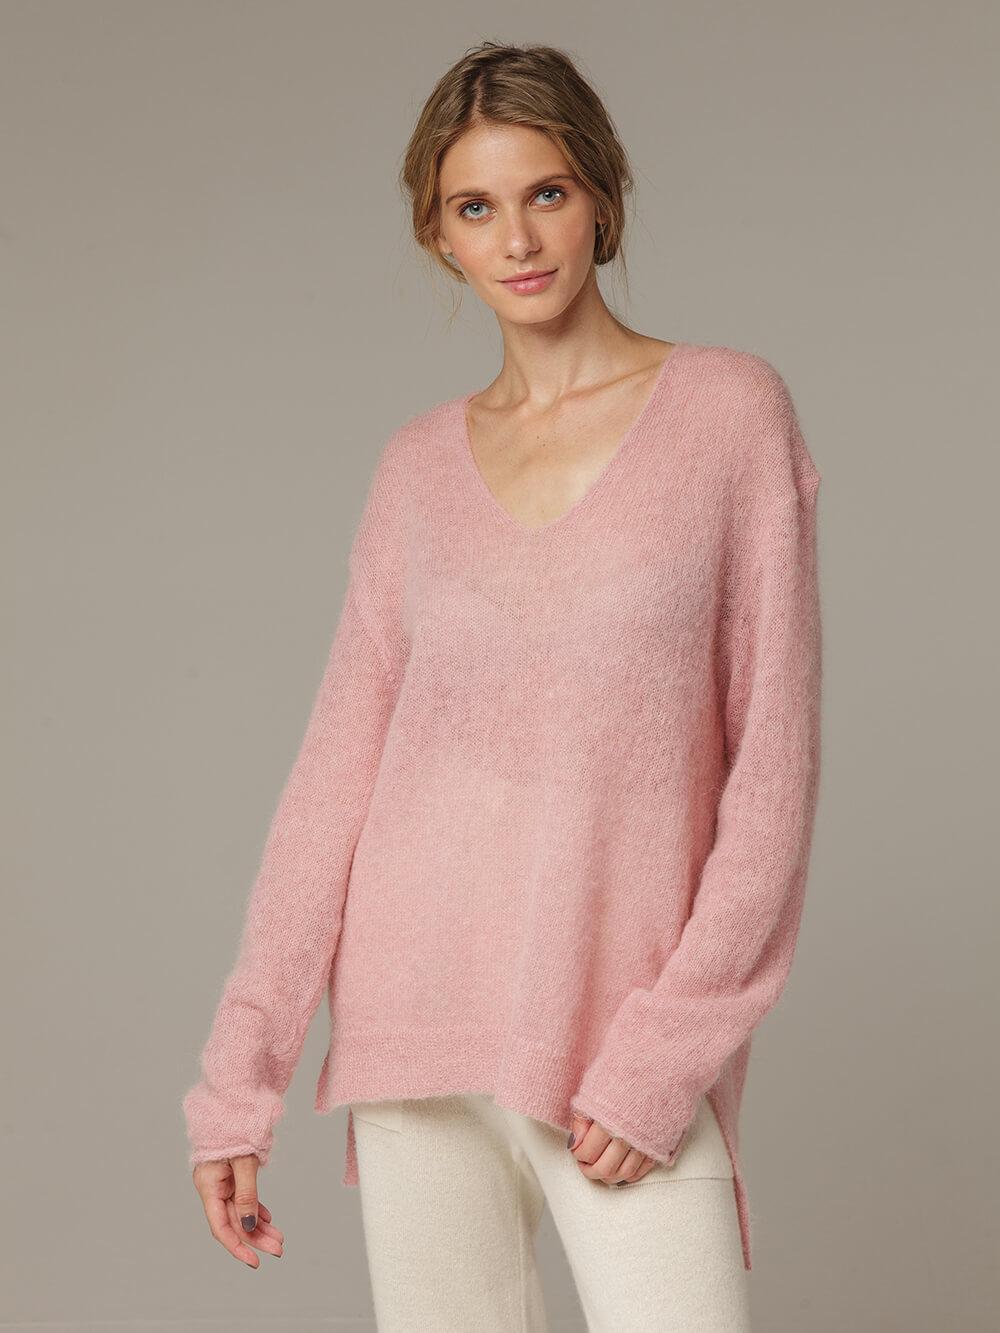 Женский розовый джемпер с V-образным вырезом 100% мохер - фото 1